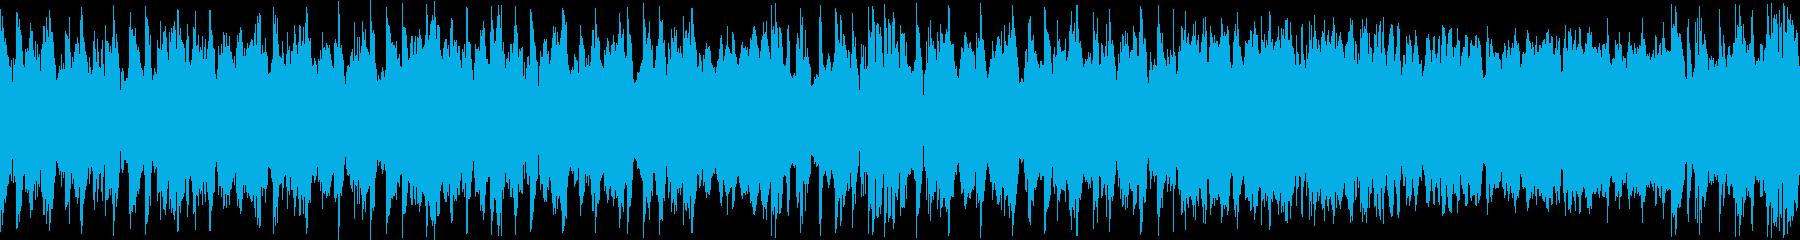 明るいポップなBGMです。30秒でカッ…の再生済みの波形